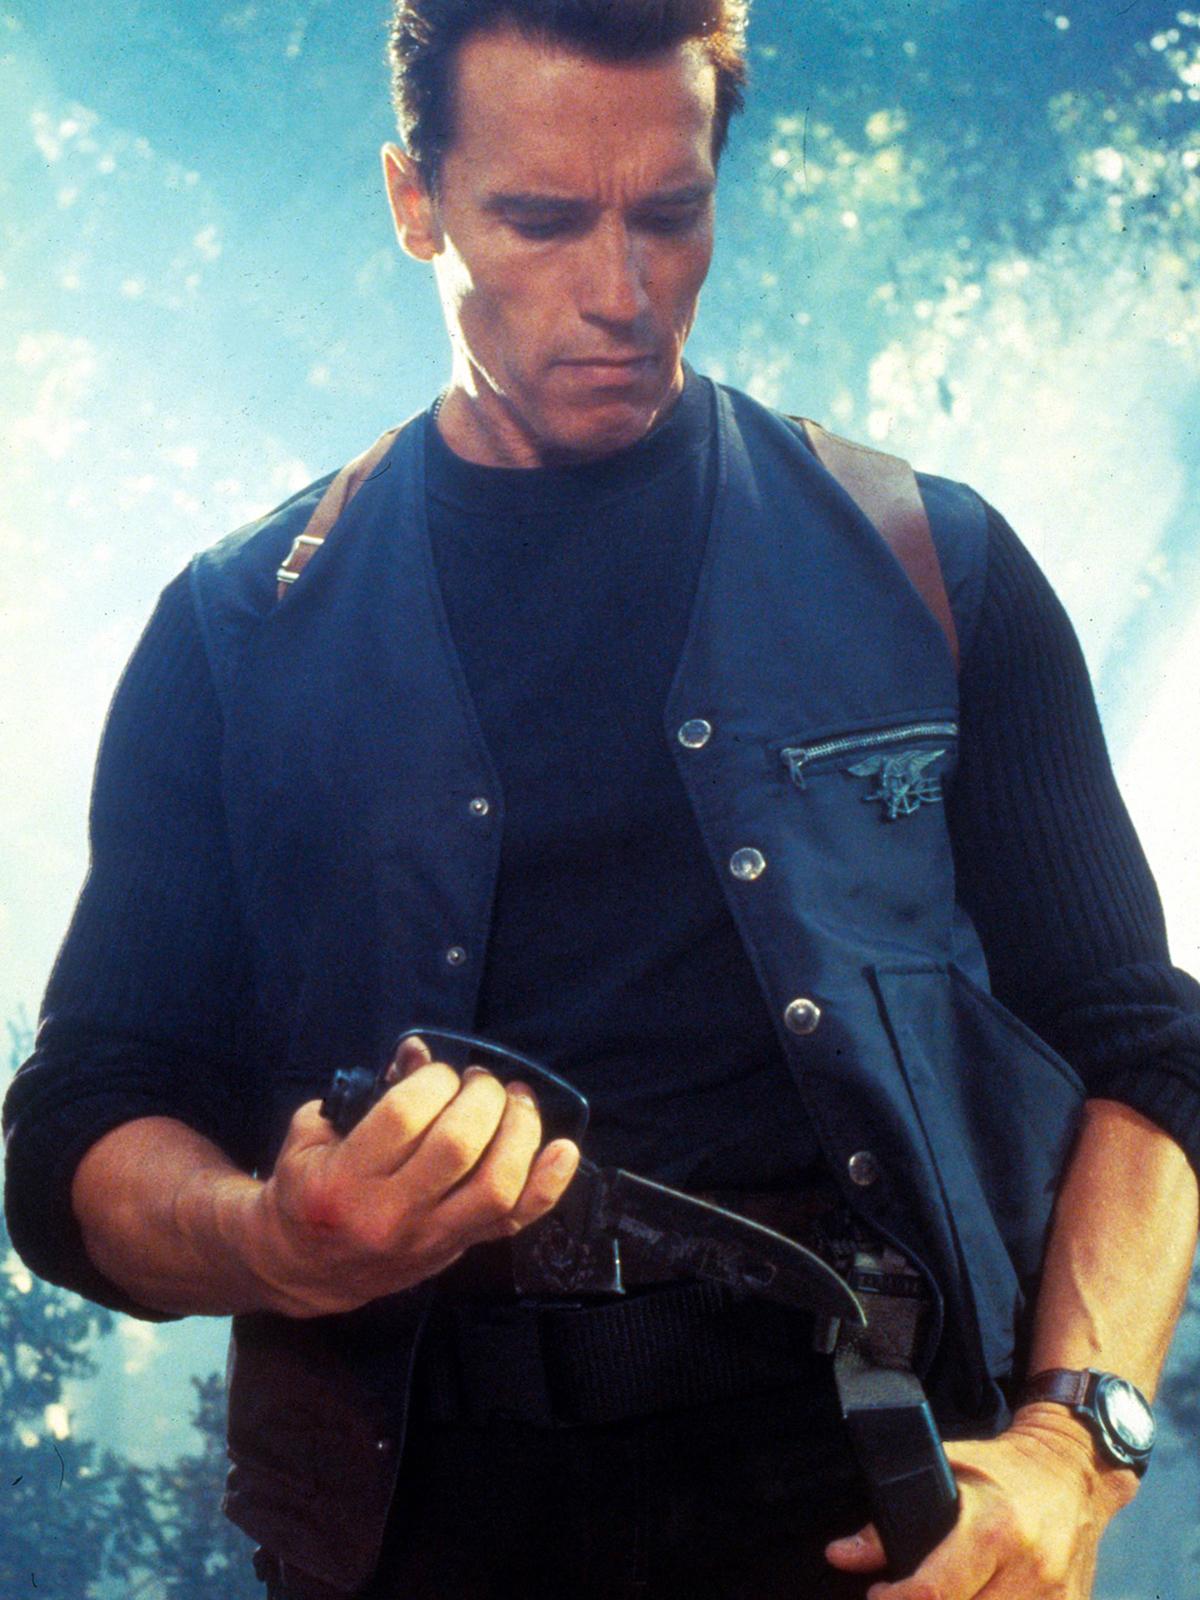 Arnold Schwarzenegger llevaba un Luminor Marina 5218-203 / A en Eraser , una película que se estrenó en junio de 1996